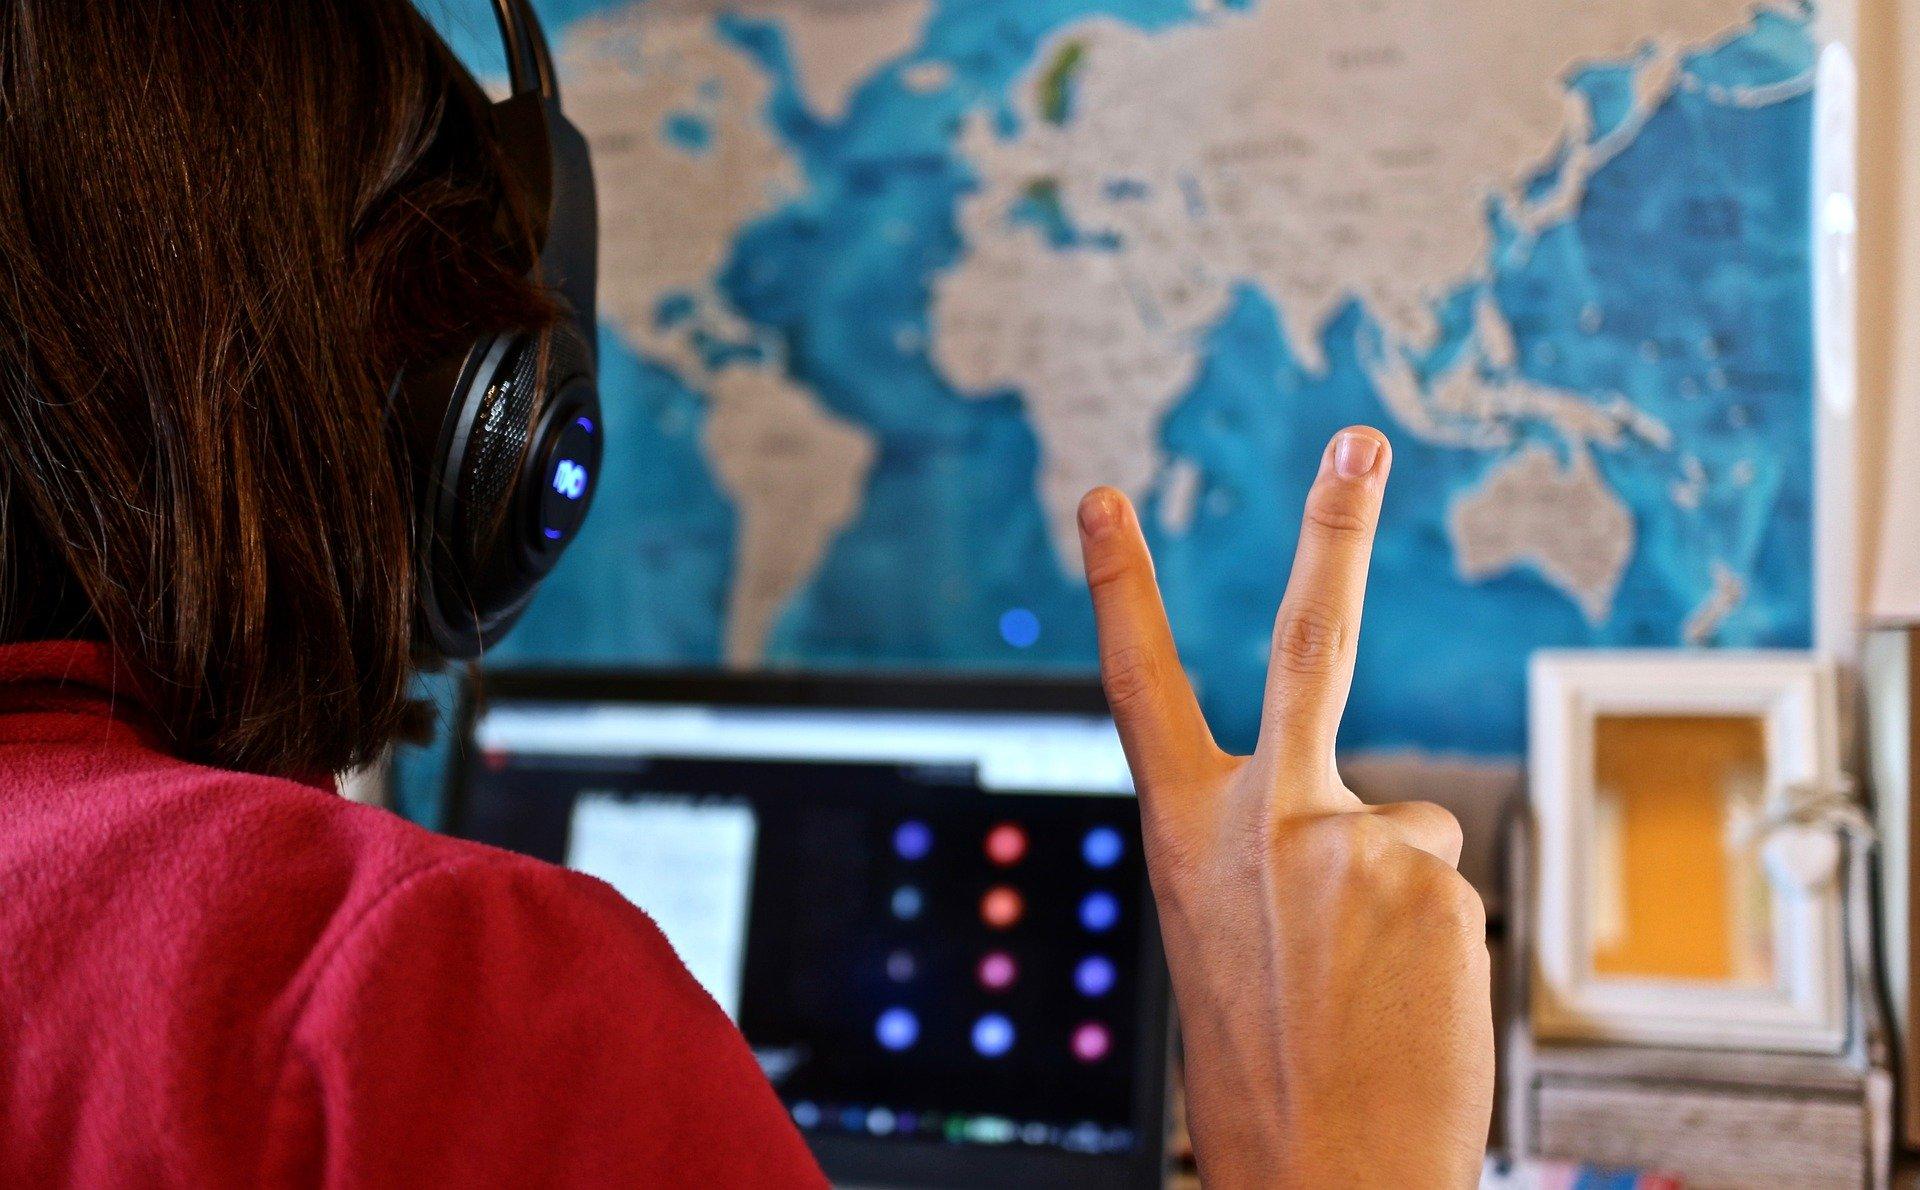 Pessoa estudando online com fone de ouvido e notebook.